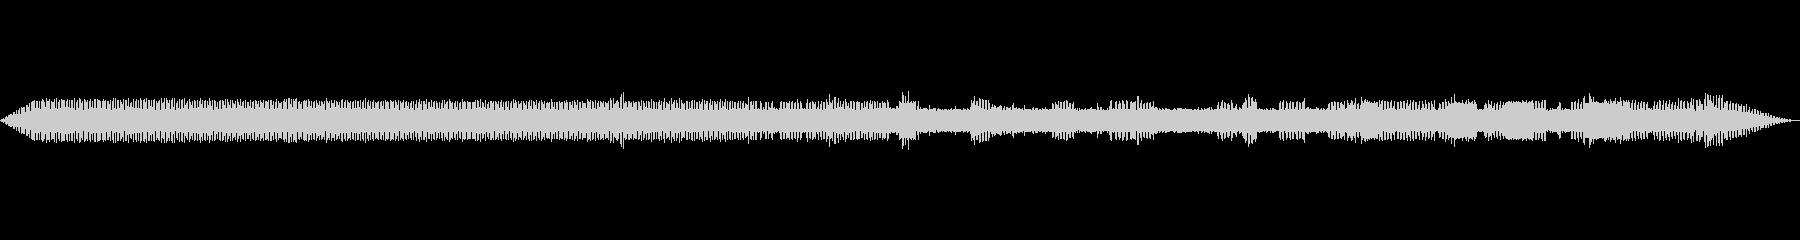 【自然音】秋の虫02(小菅村)の未再生の波形